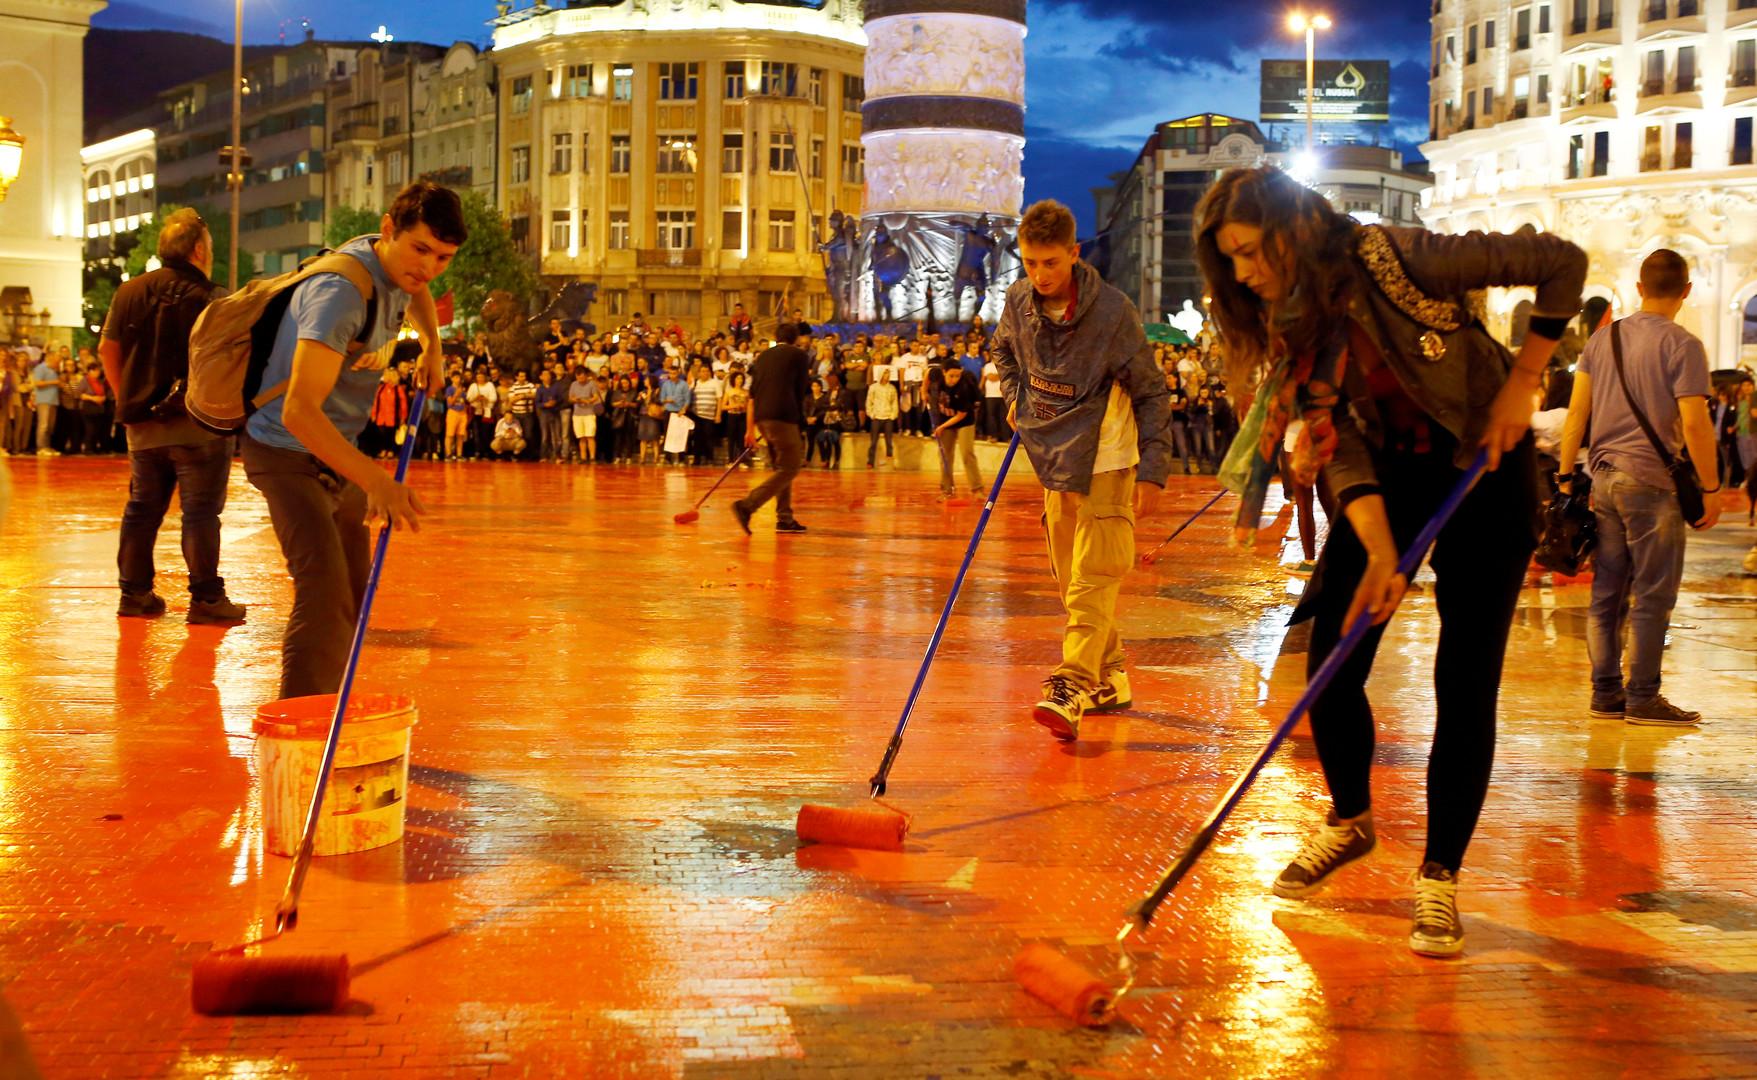 Протестующие на площади в центре столицы Македонии.